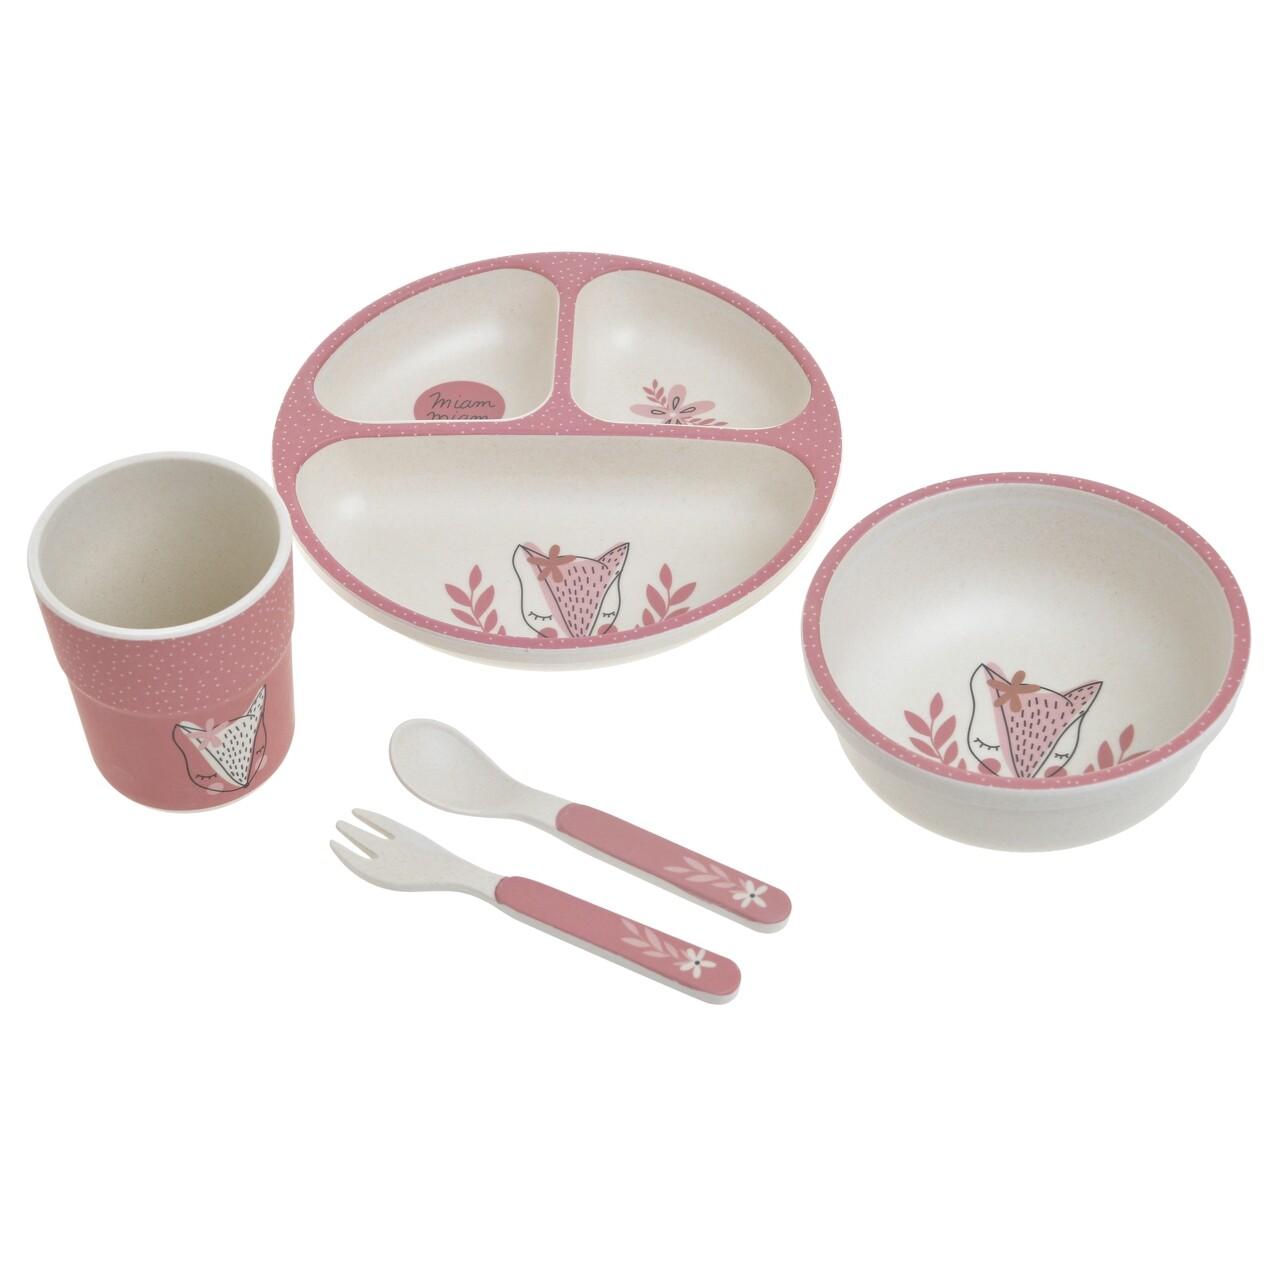 Set de masa pentru copii 5 piese Fox, InArt, fibra de bambus, roz